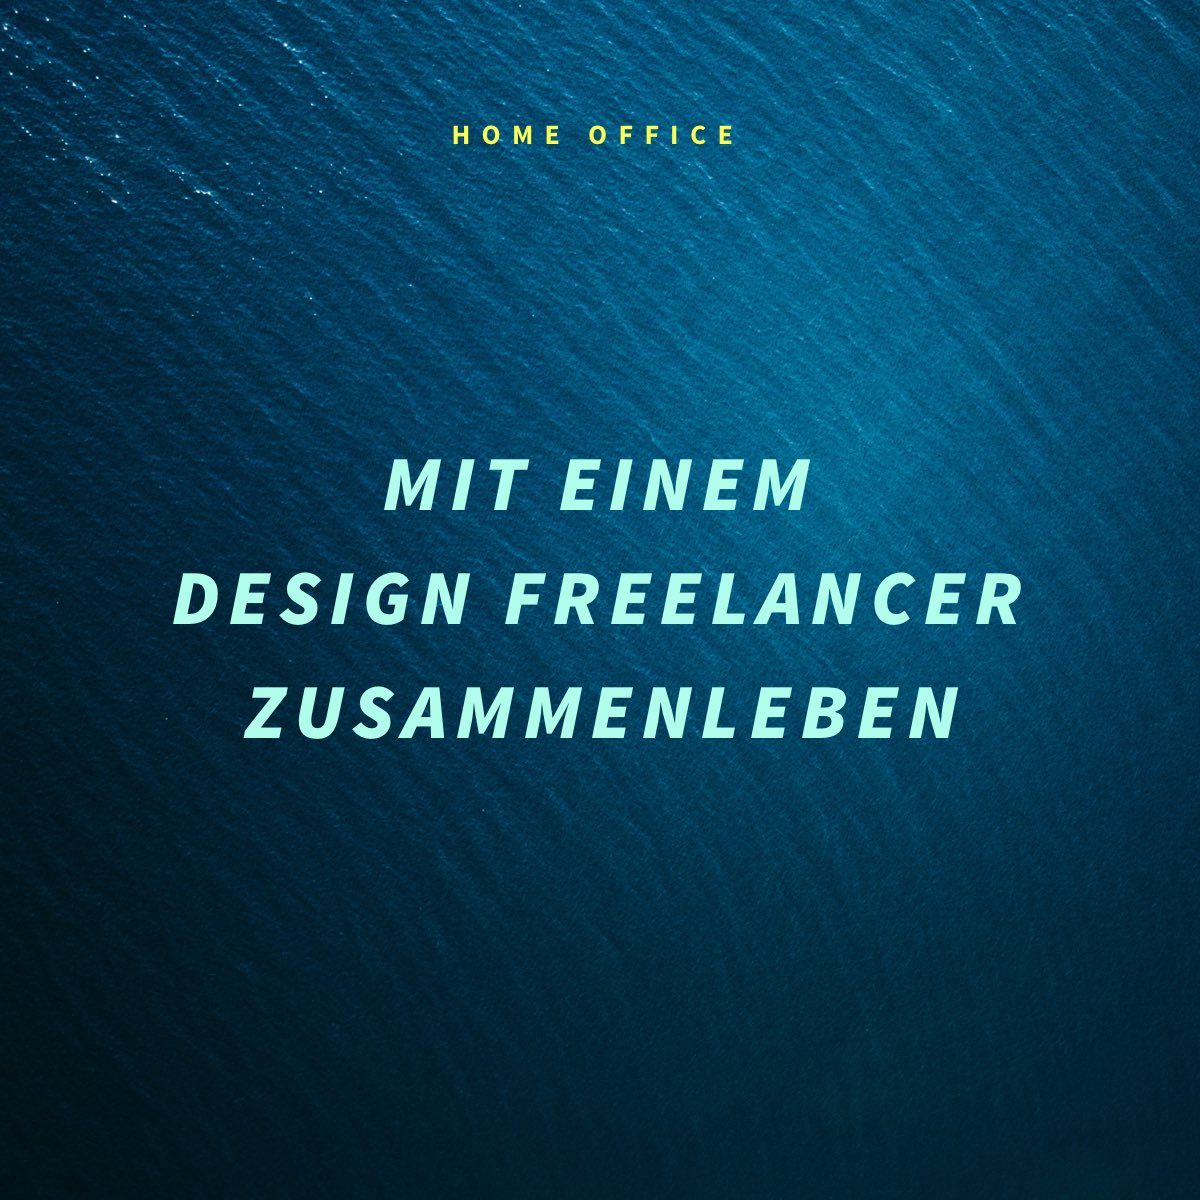 10 Vor- und Nachteile mit einem Design Freelancer zusammenzuleben (Home Office)